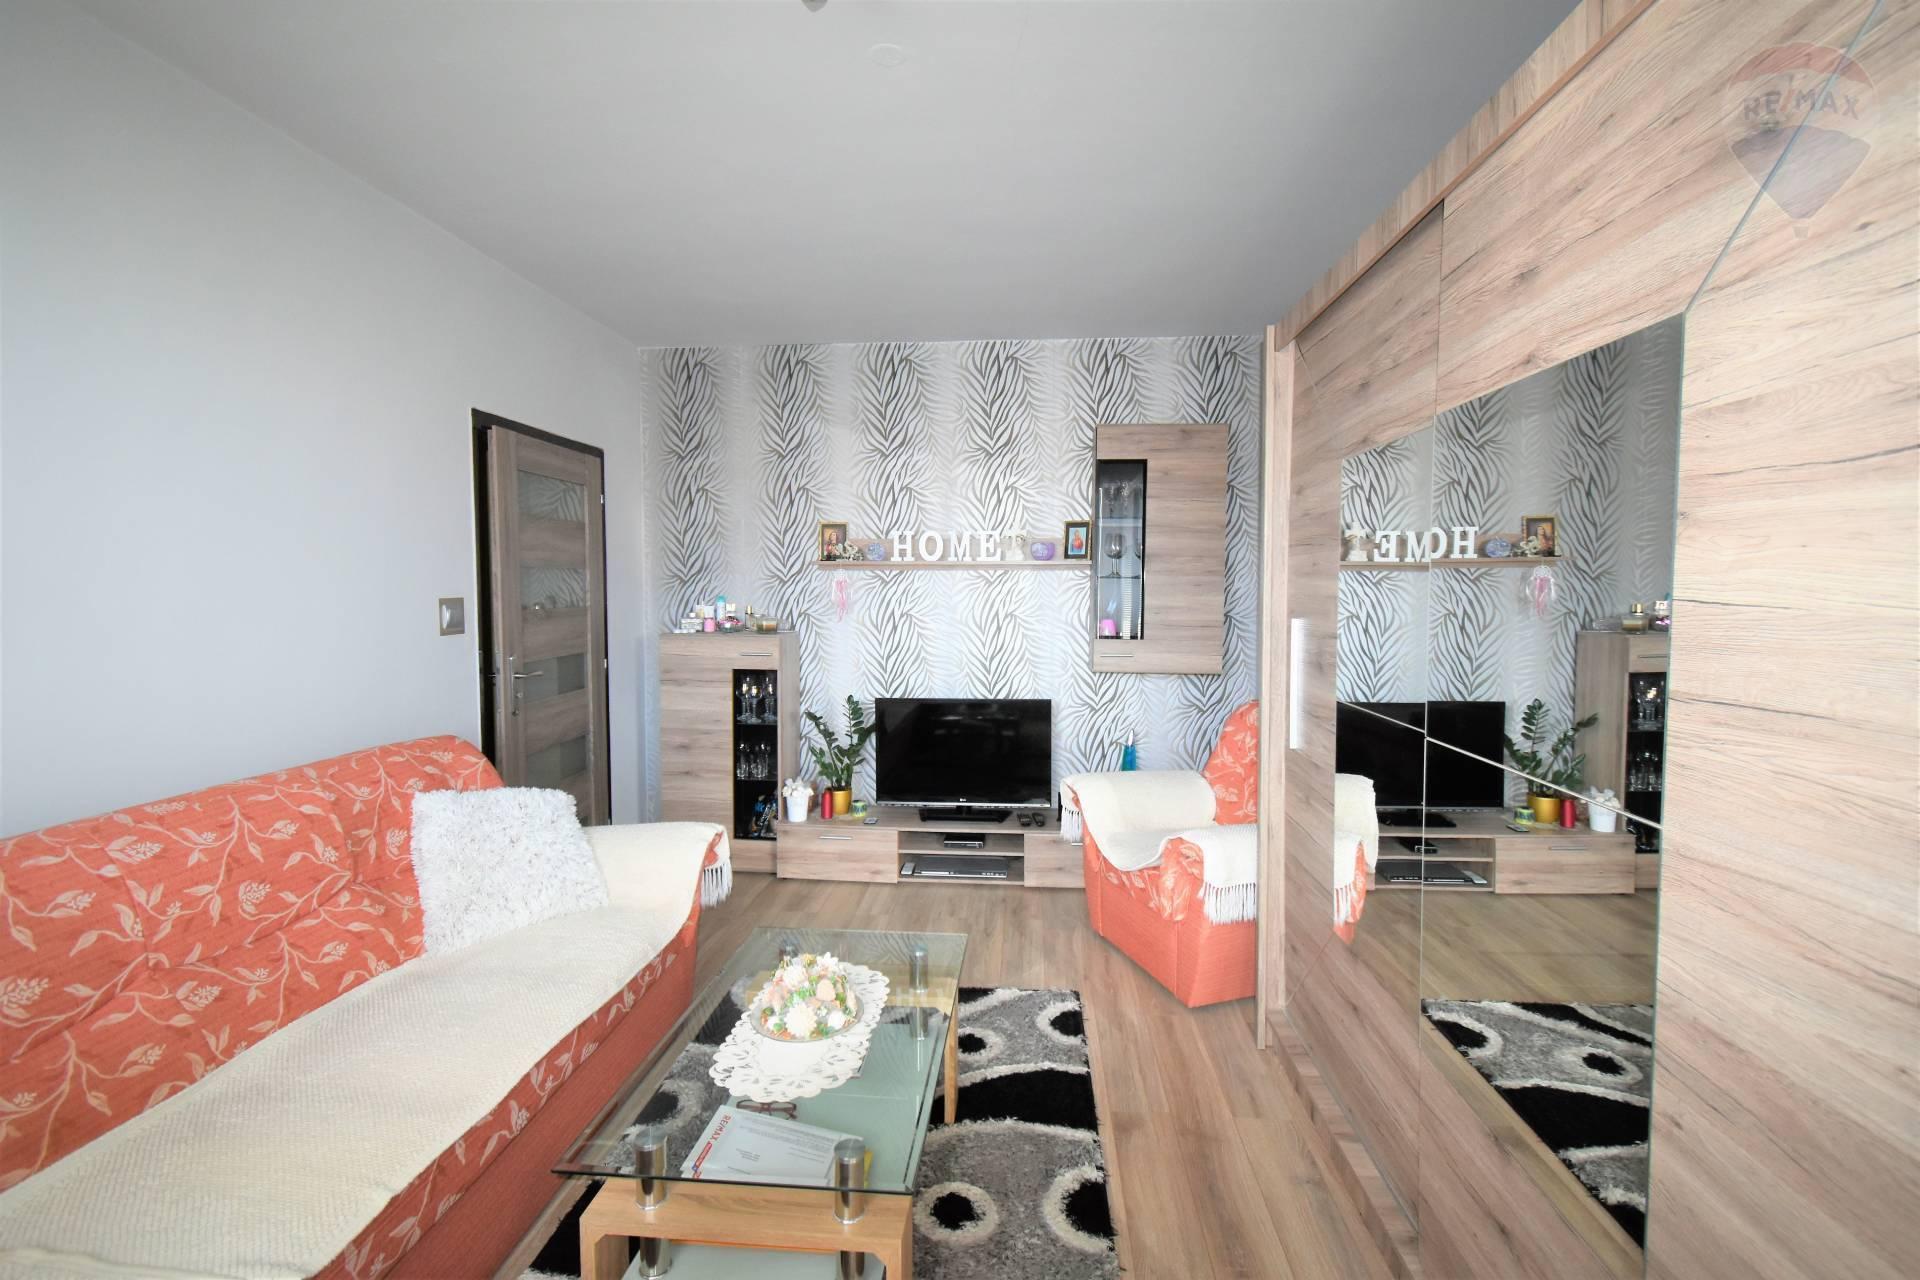 Predaj 1 izbového bytu v Dunajskej Strede, 39 m2, balkón, Nová Ves, po rekonštrukcií